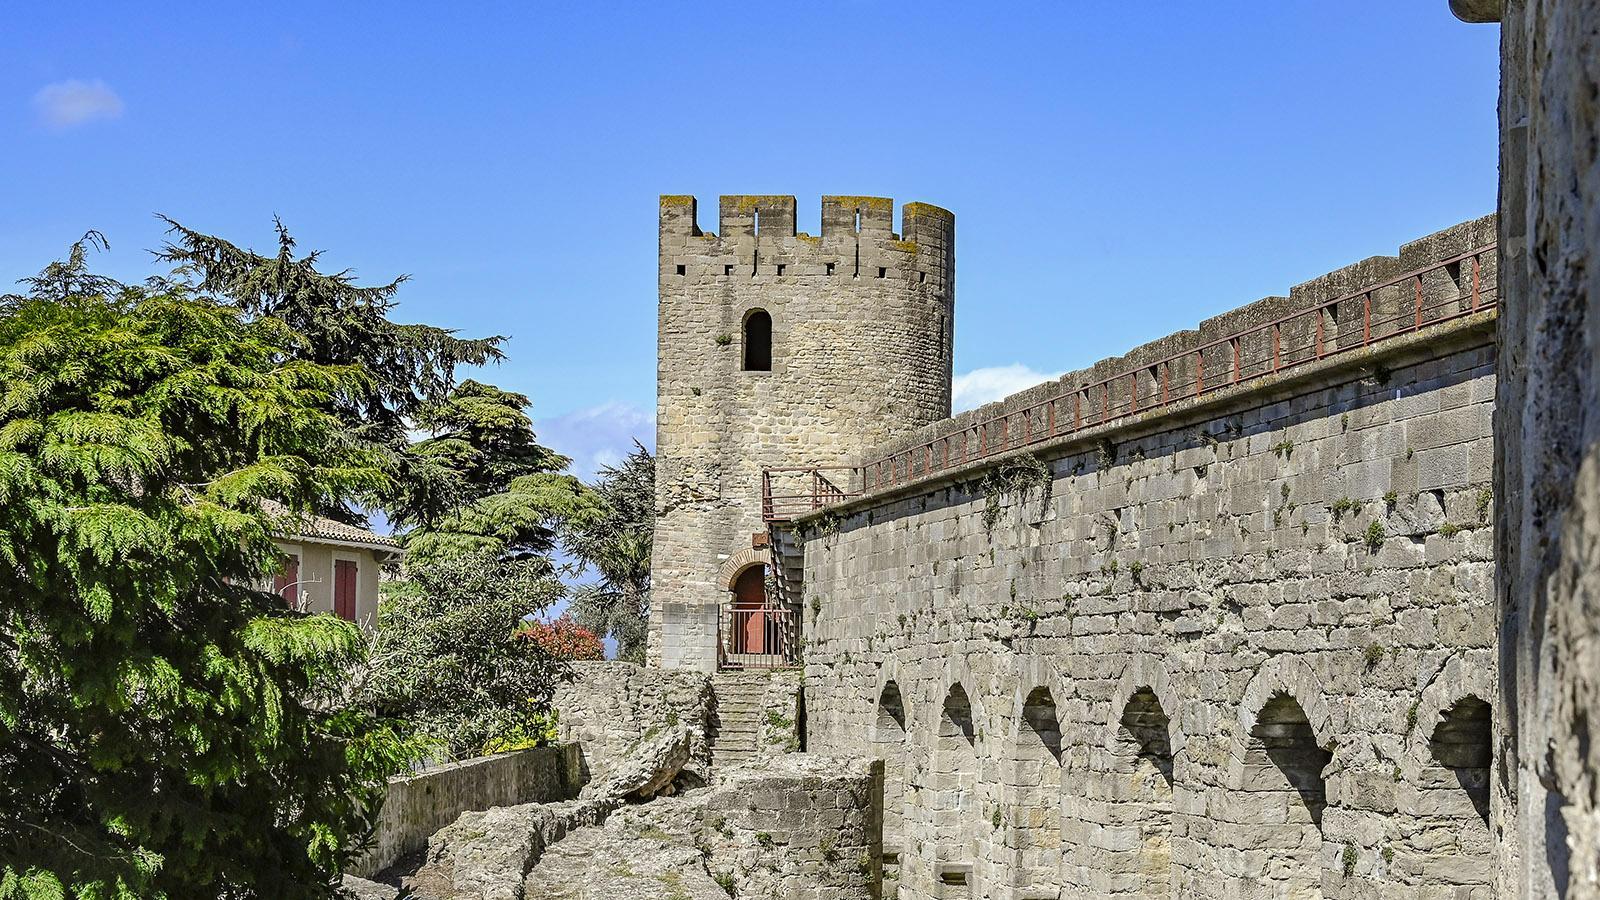 Der erste Wehrturm nördlich der Porte Narbonnaise. Foto: Hilke Maunder